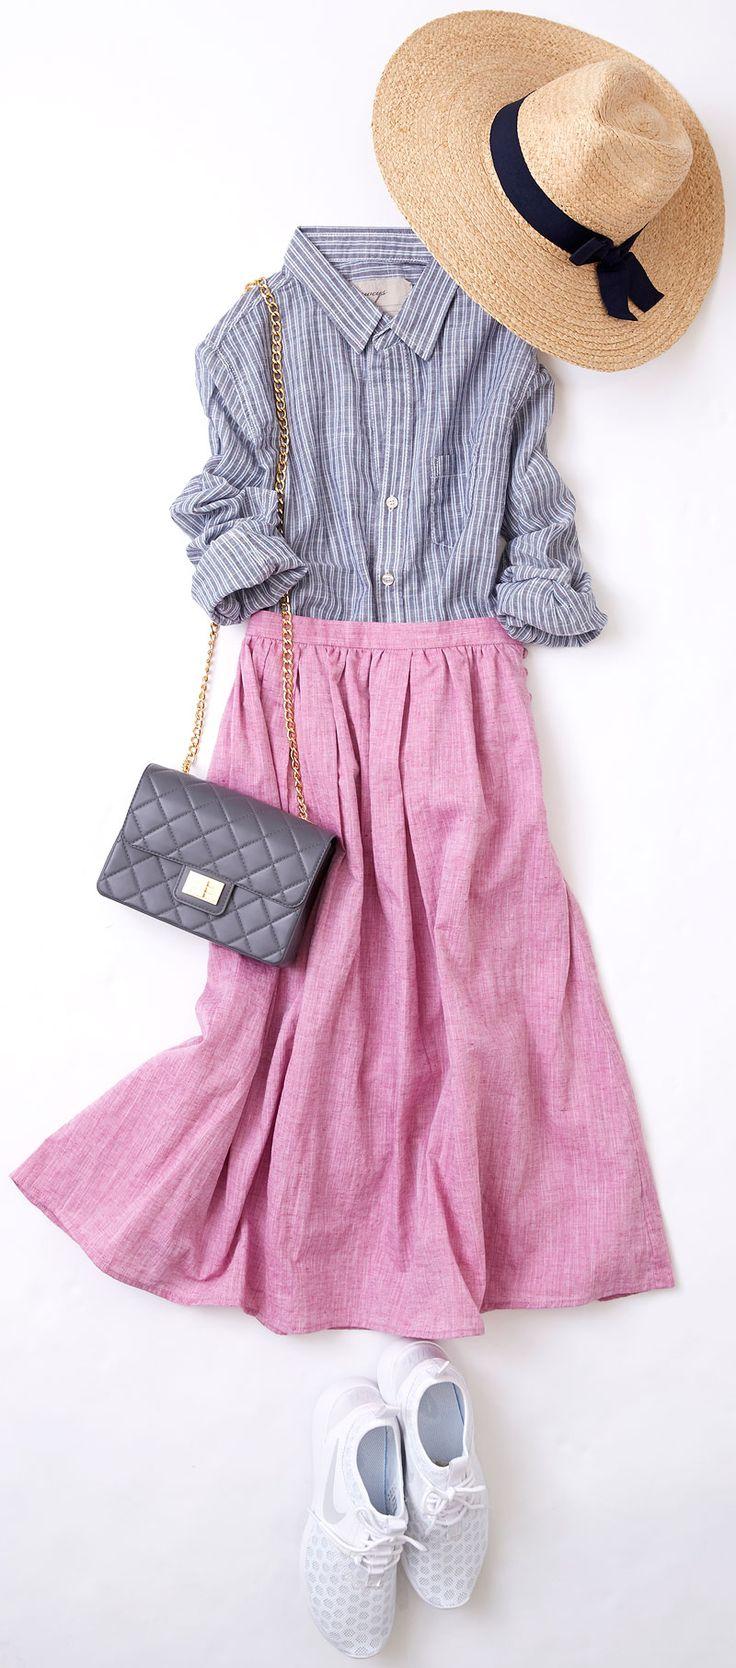 旅を感じさせるタウンファッションは? ルミネ新宿 ルミネ2のアイテムから、夏らしさの代表マリンルックを、今年らしく着こなすレッスン! 人気スタイリスト入江未悠さんが「大人かわいい」をテーマに、上品でまねしやすいスタイリングを提案します!